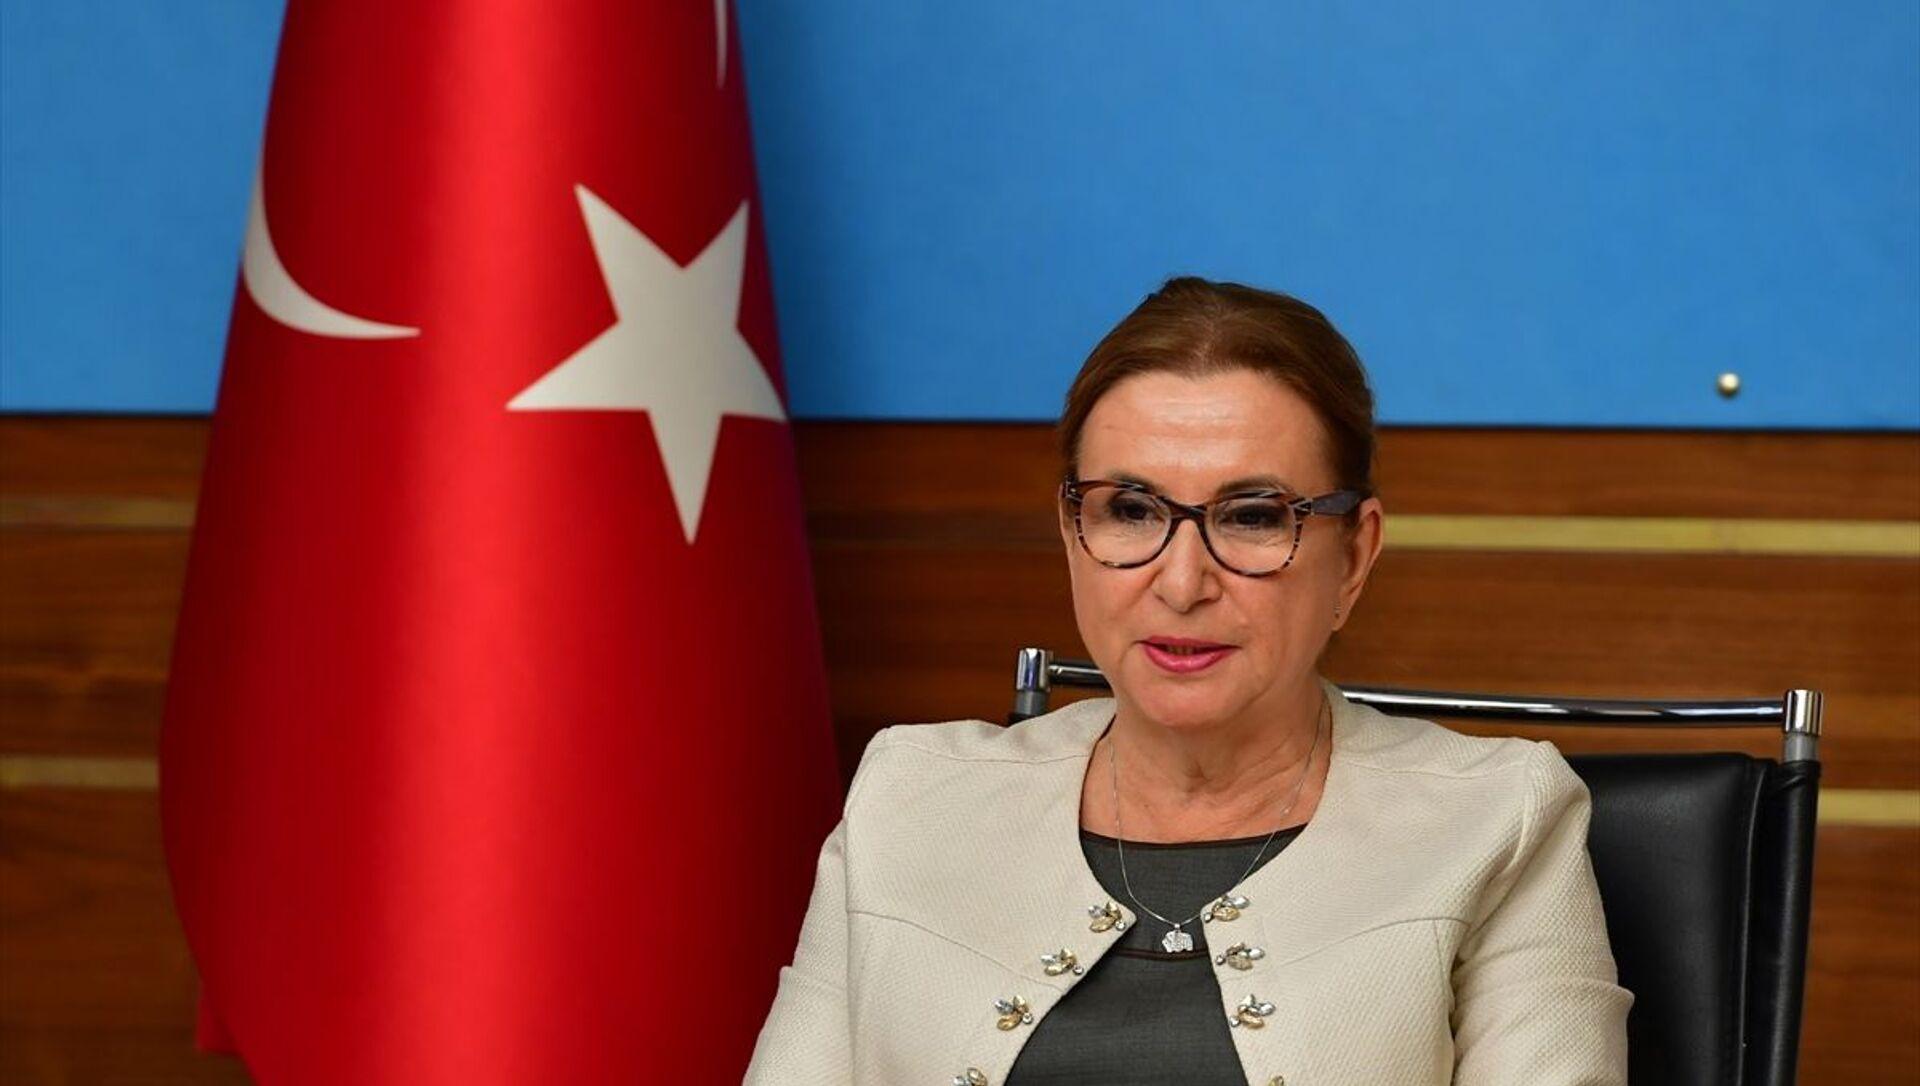 Ticaret Bakanı Ruhsar Pekcan - Sputnik Türkiye, 1920, 19.02.2021